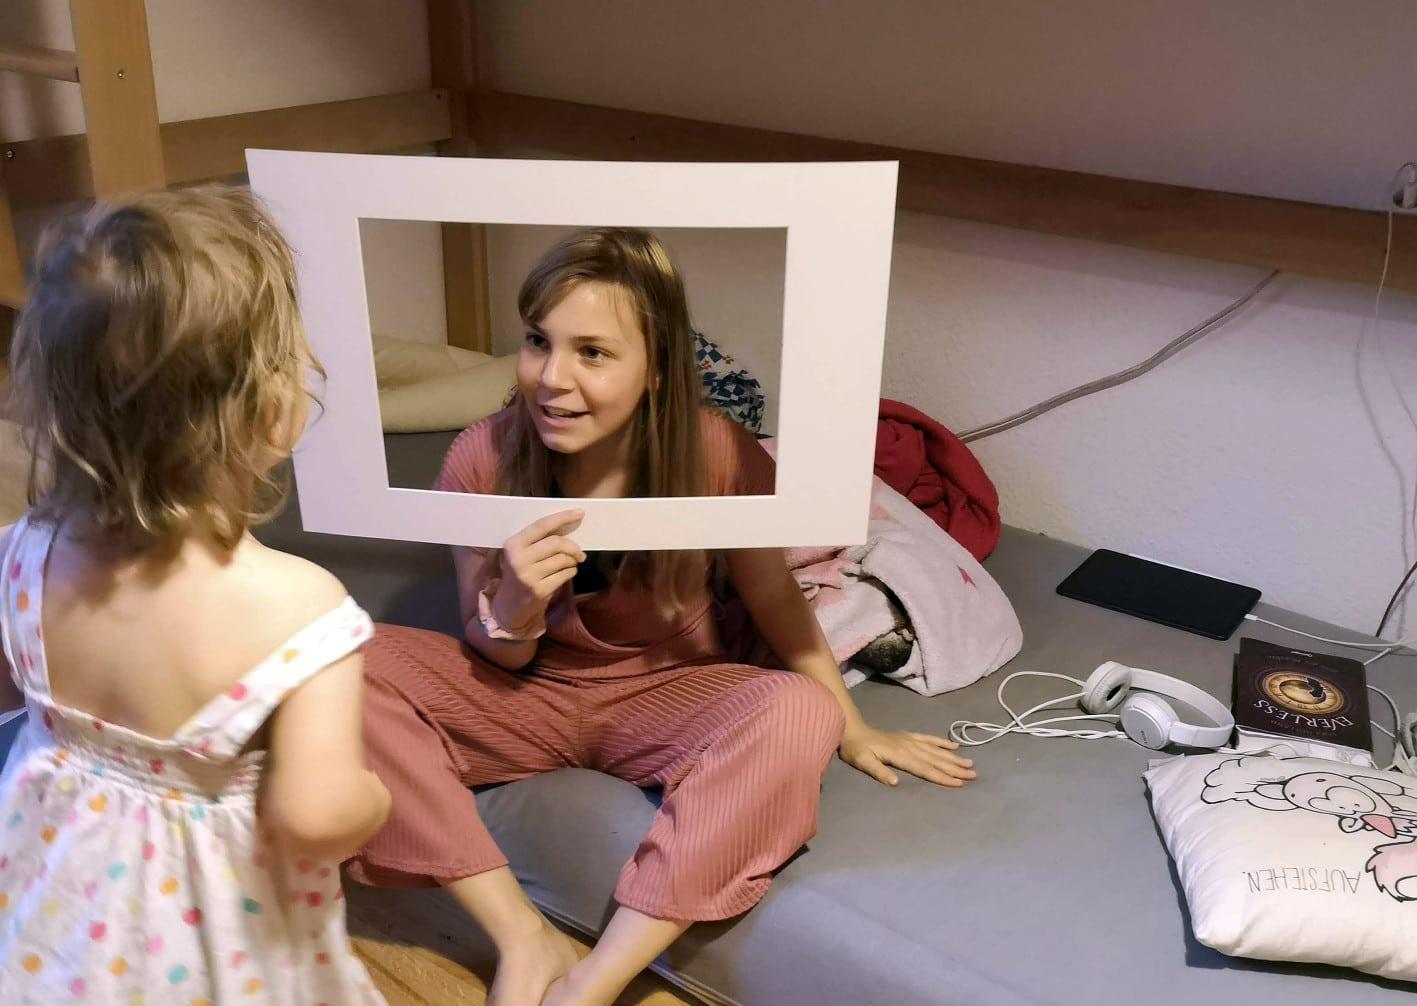 Ein kind schaut durch einen Fernseher